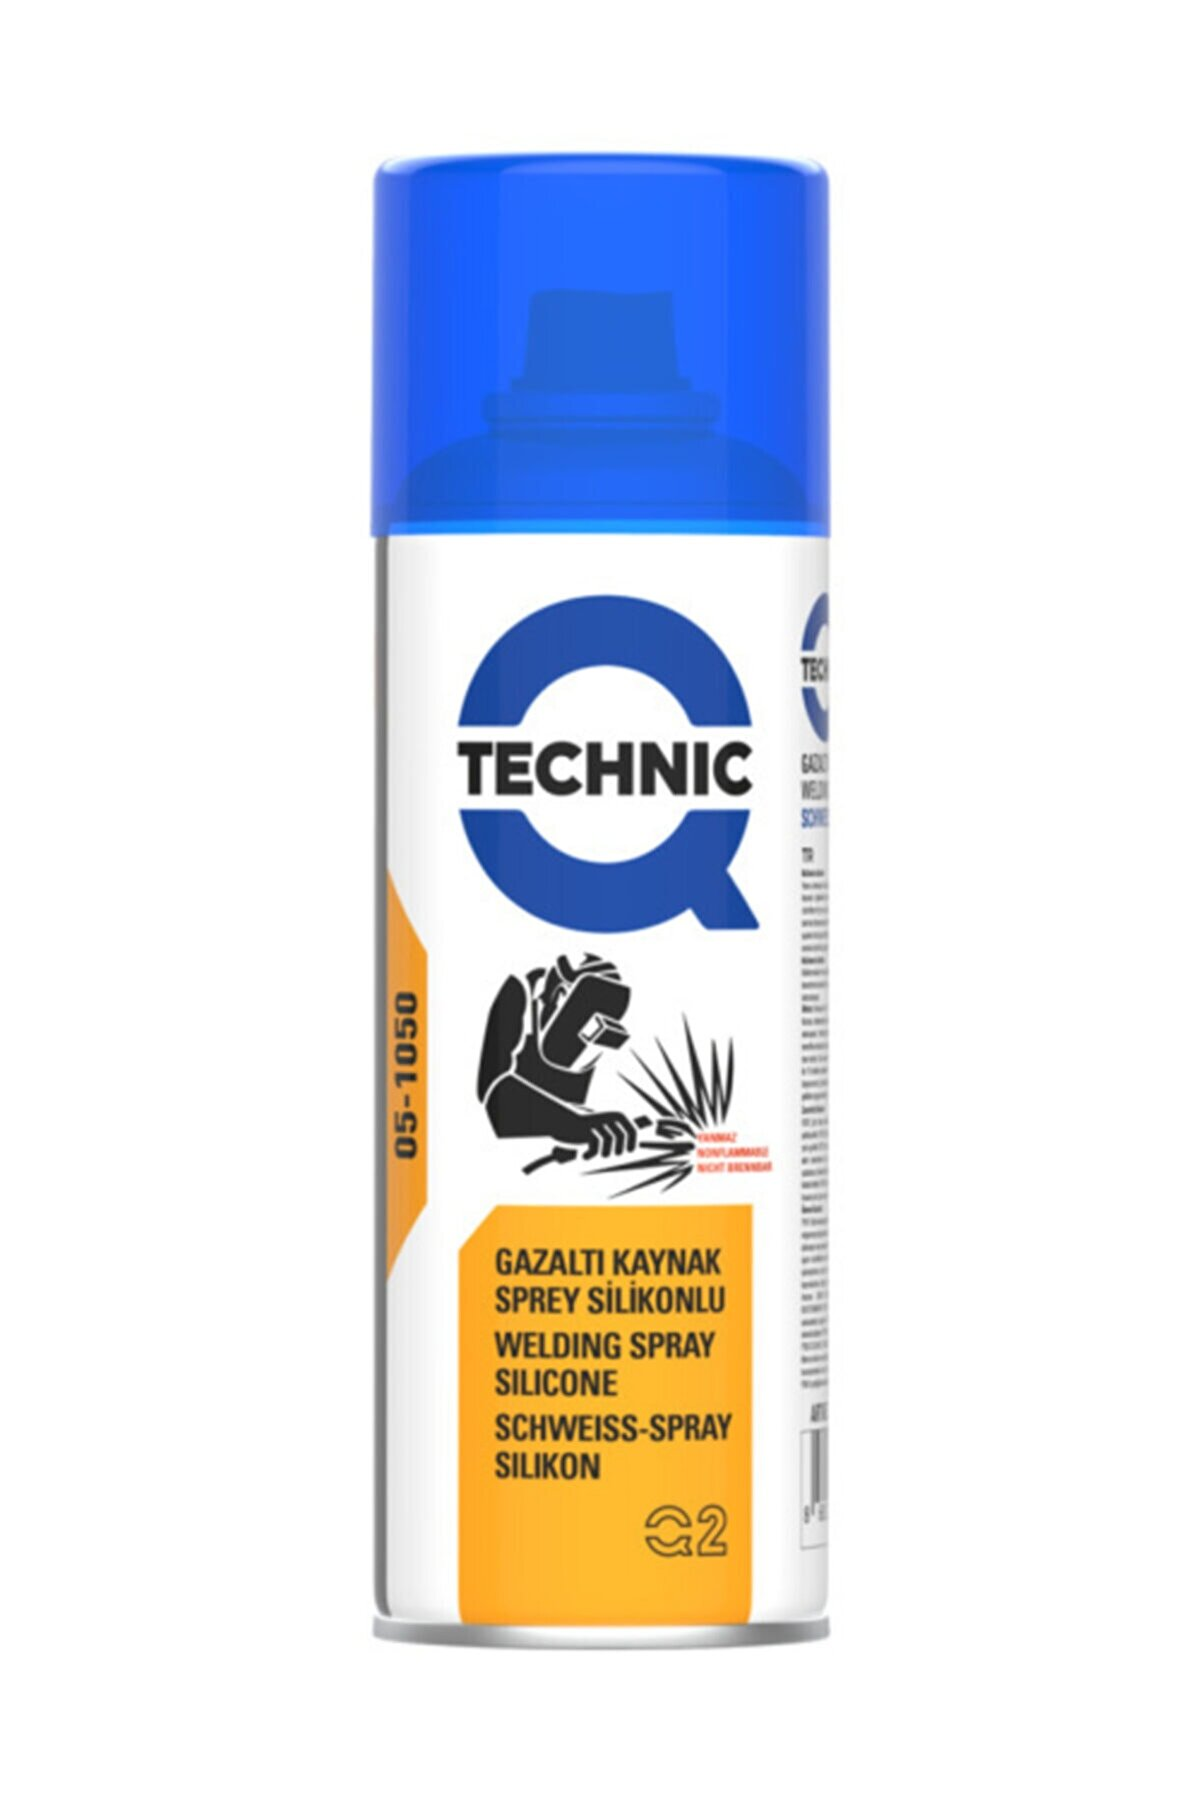 Qtechnic Gazaltı Kaynak Sprey Silikonlu 400 ml